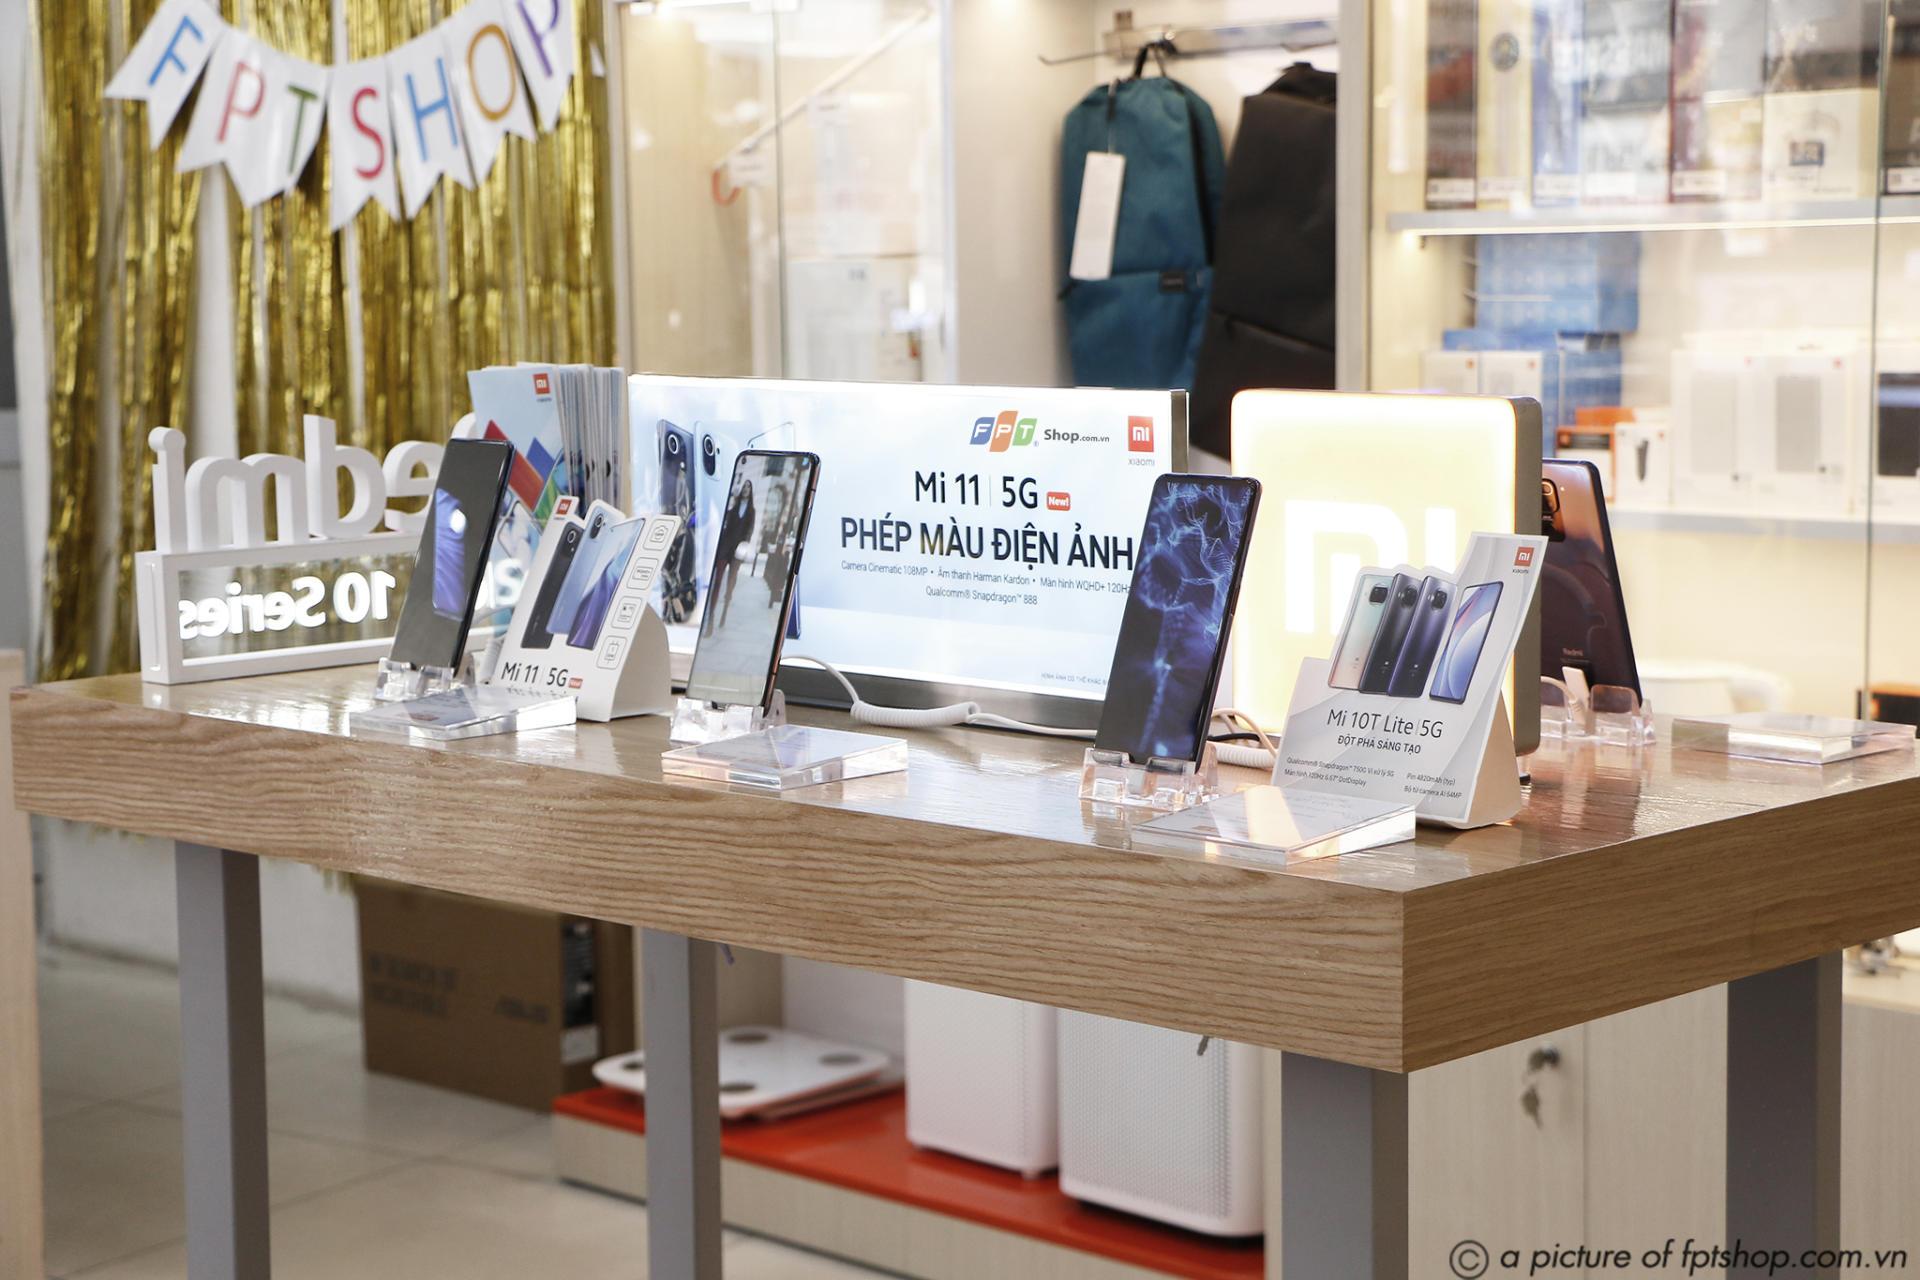 FPT Shop mạnh tay giảm giá cho sản phẩm Xiaomi chính hãng